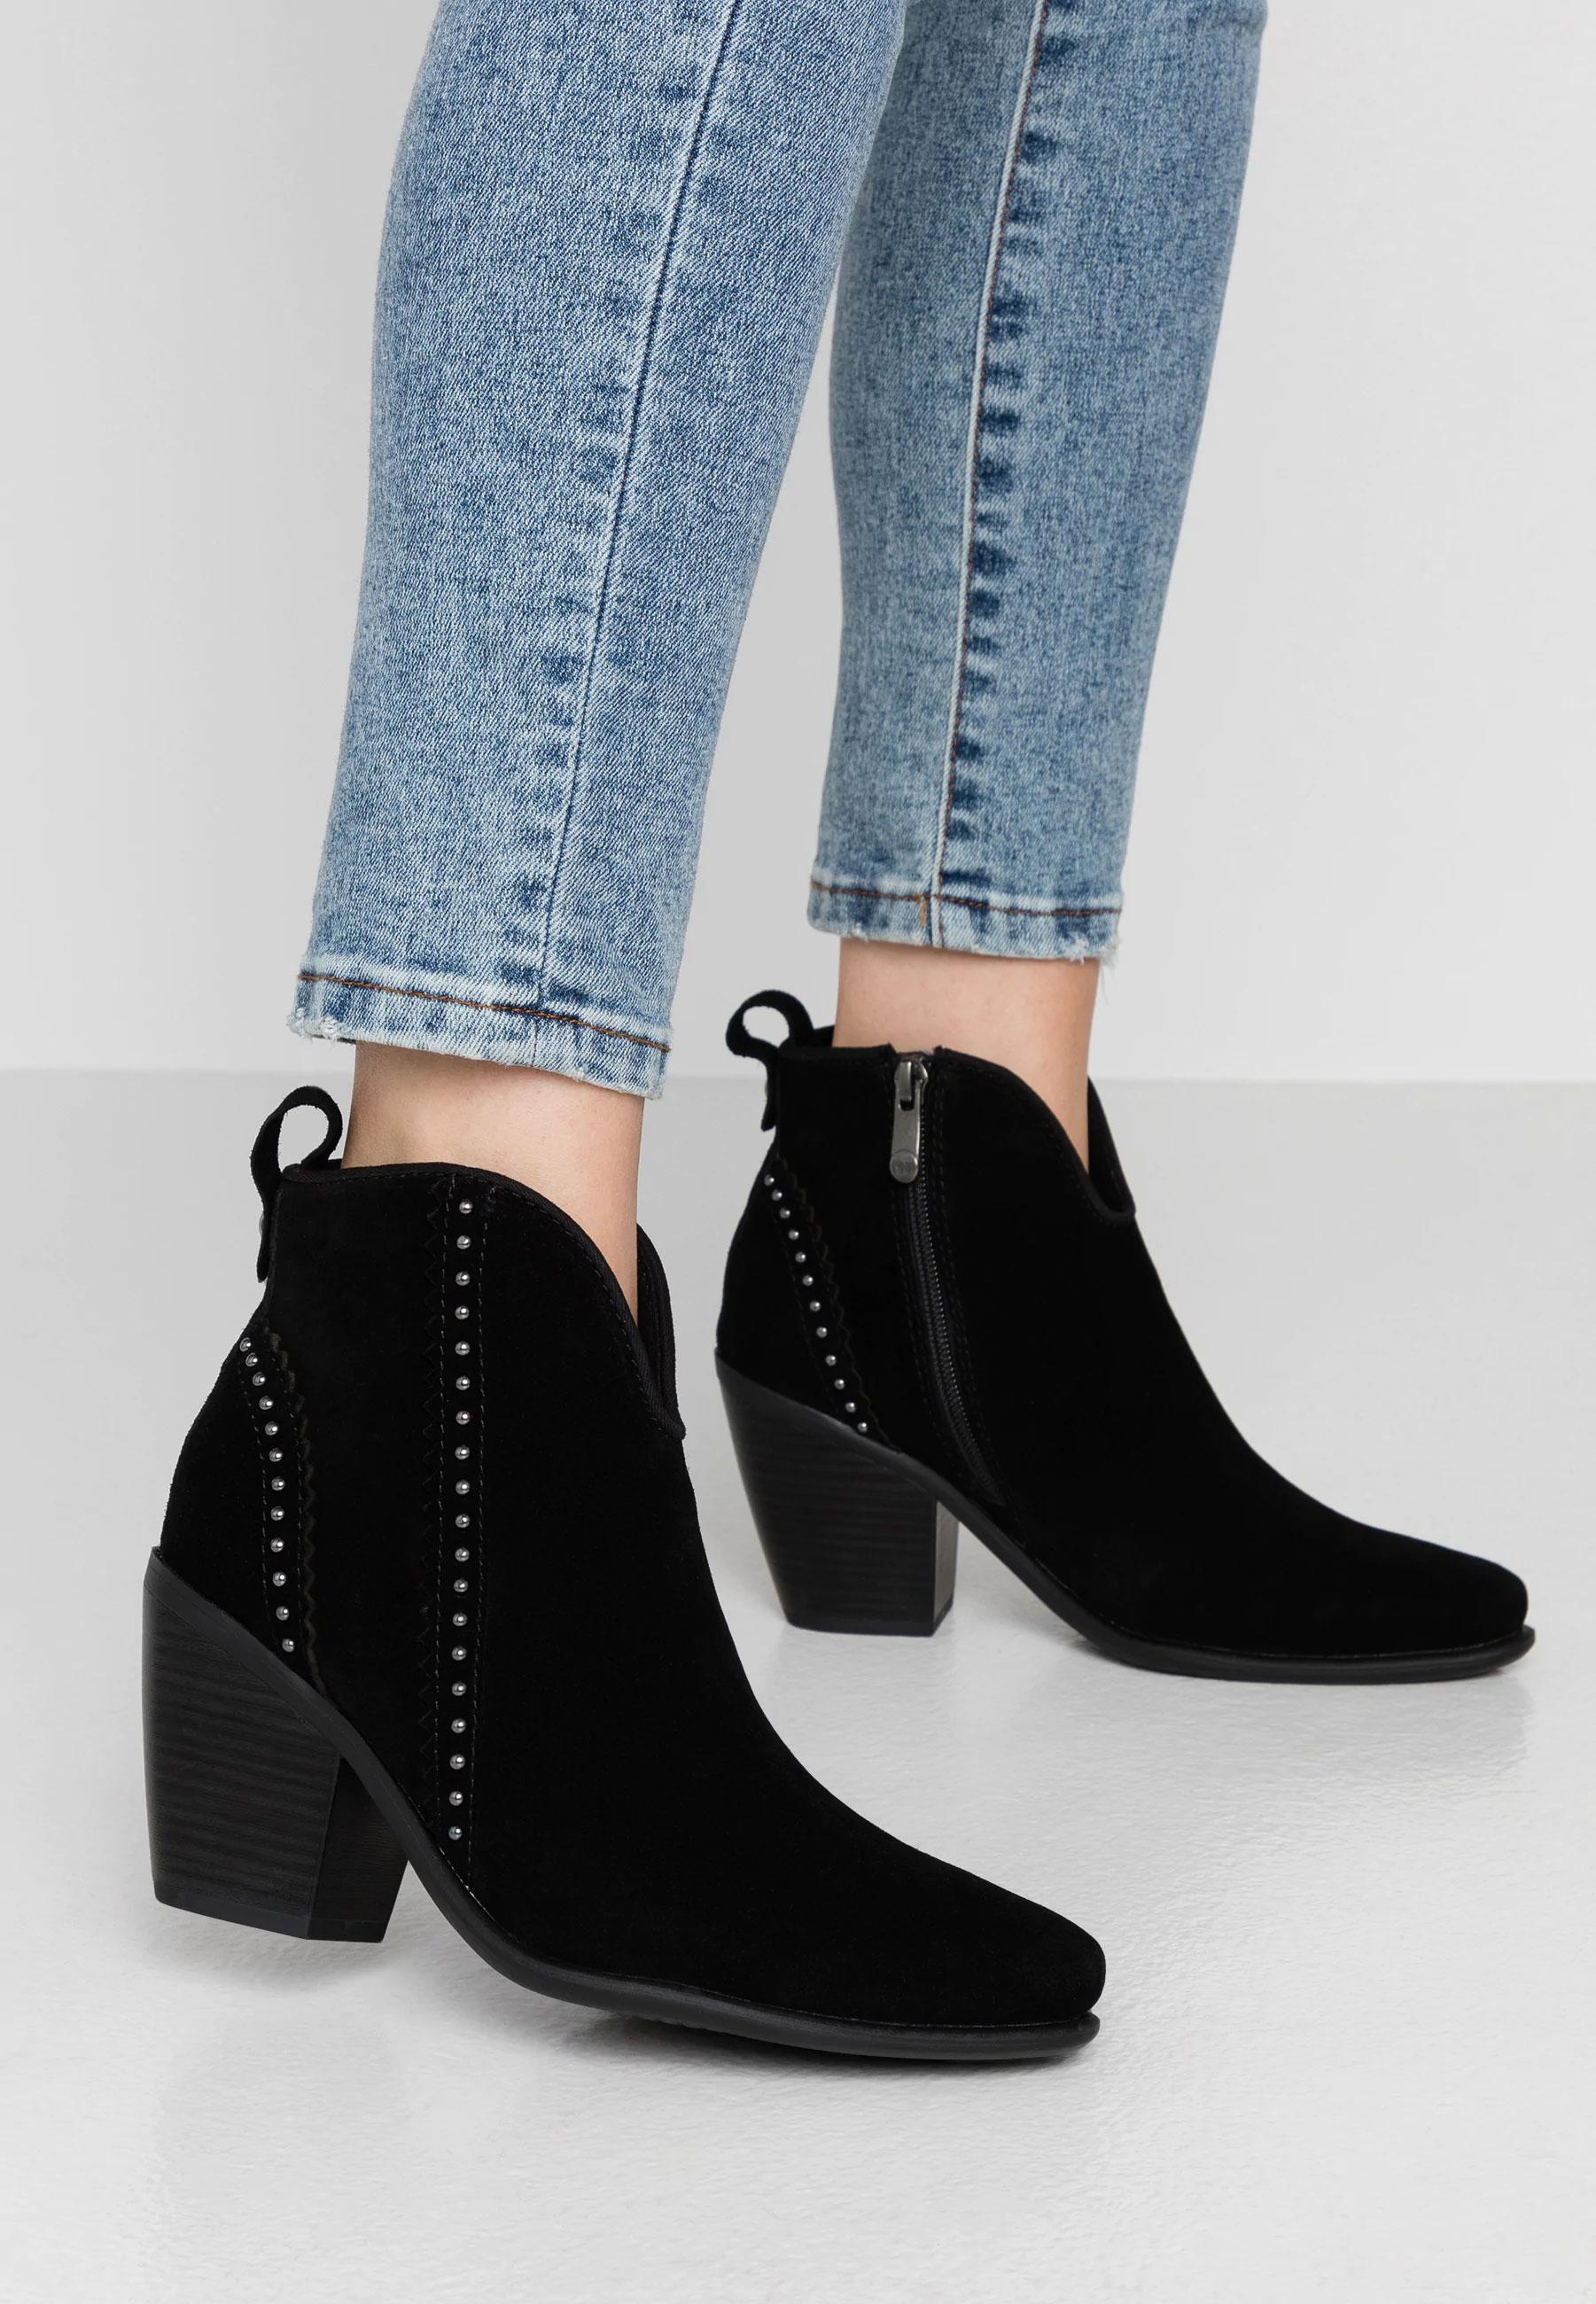 Suède cowboy enkelboots -60% @ Zalando